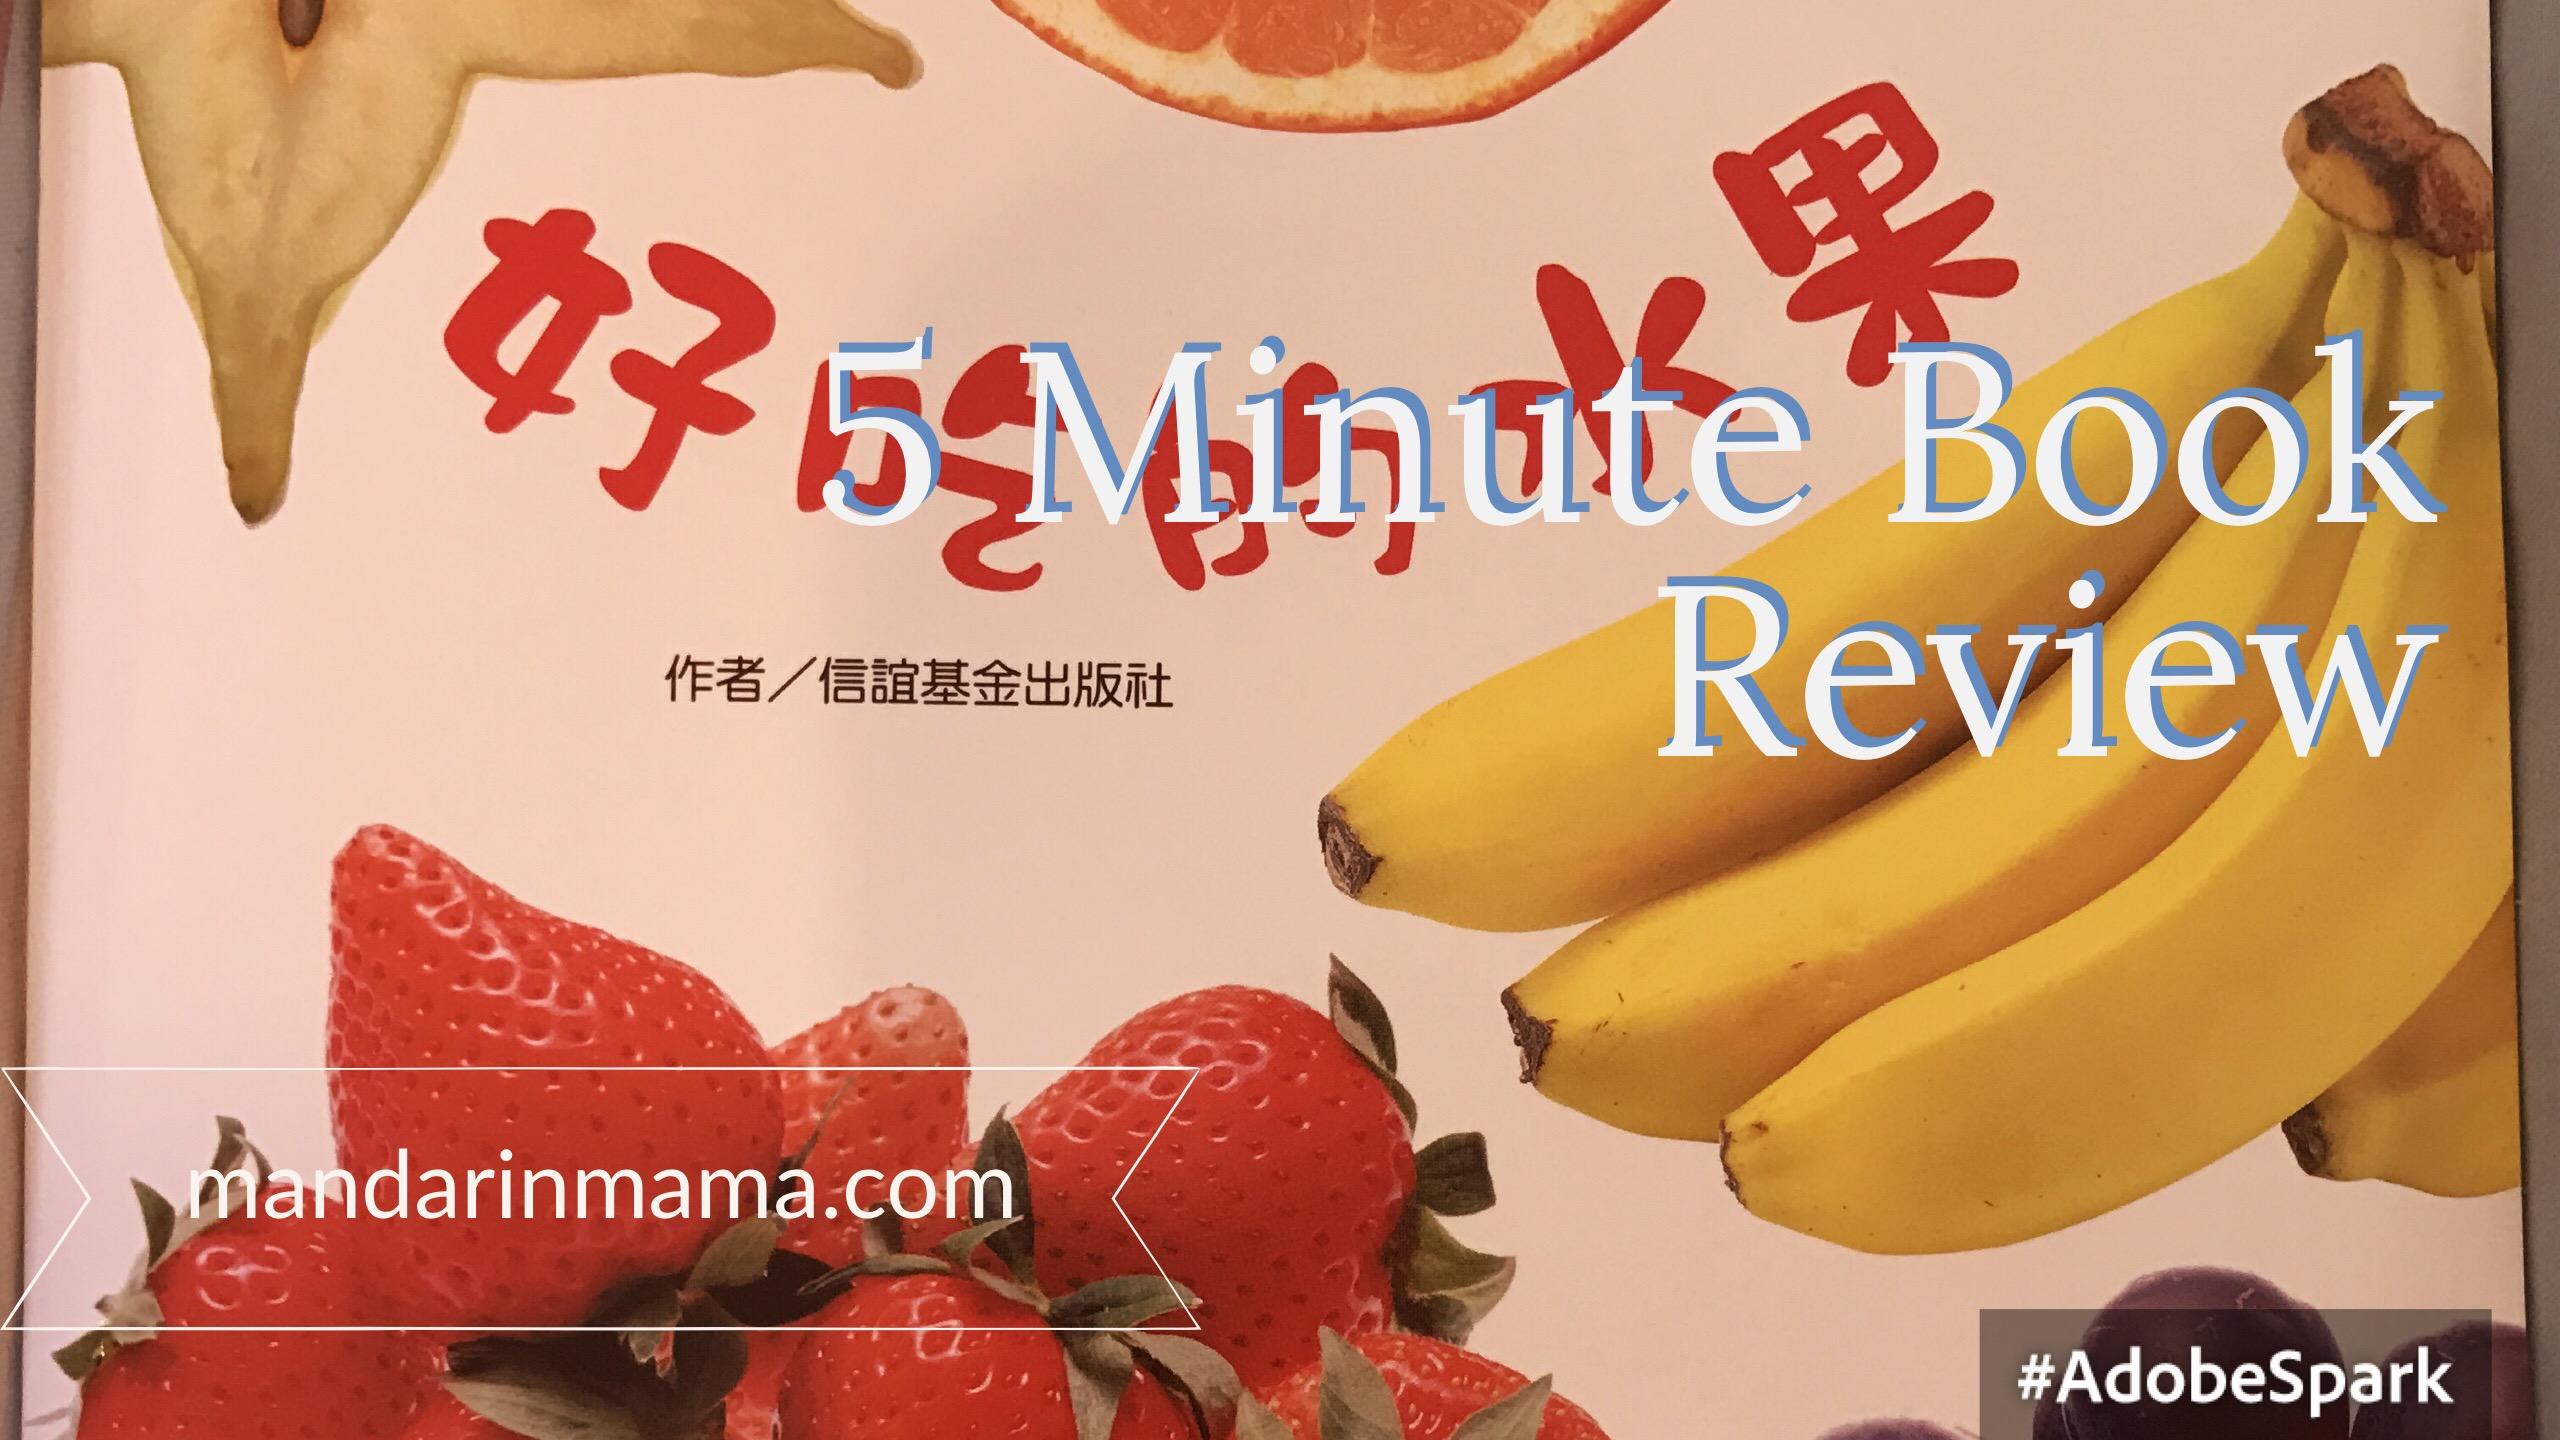 好吃的水果 Book Review